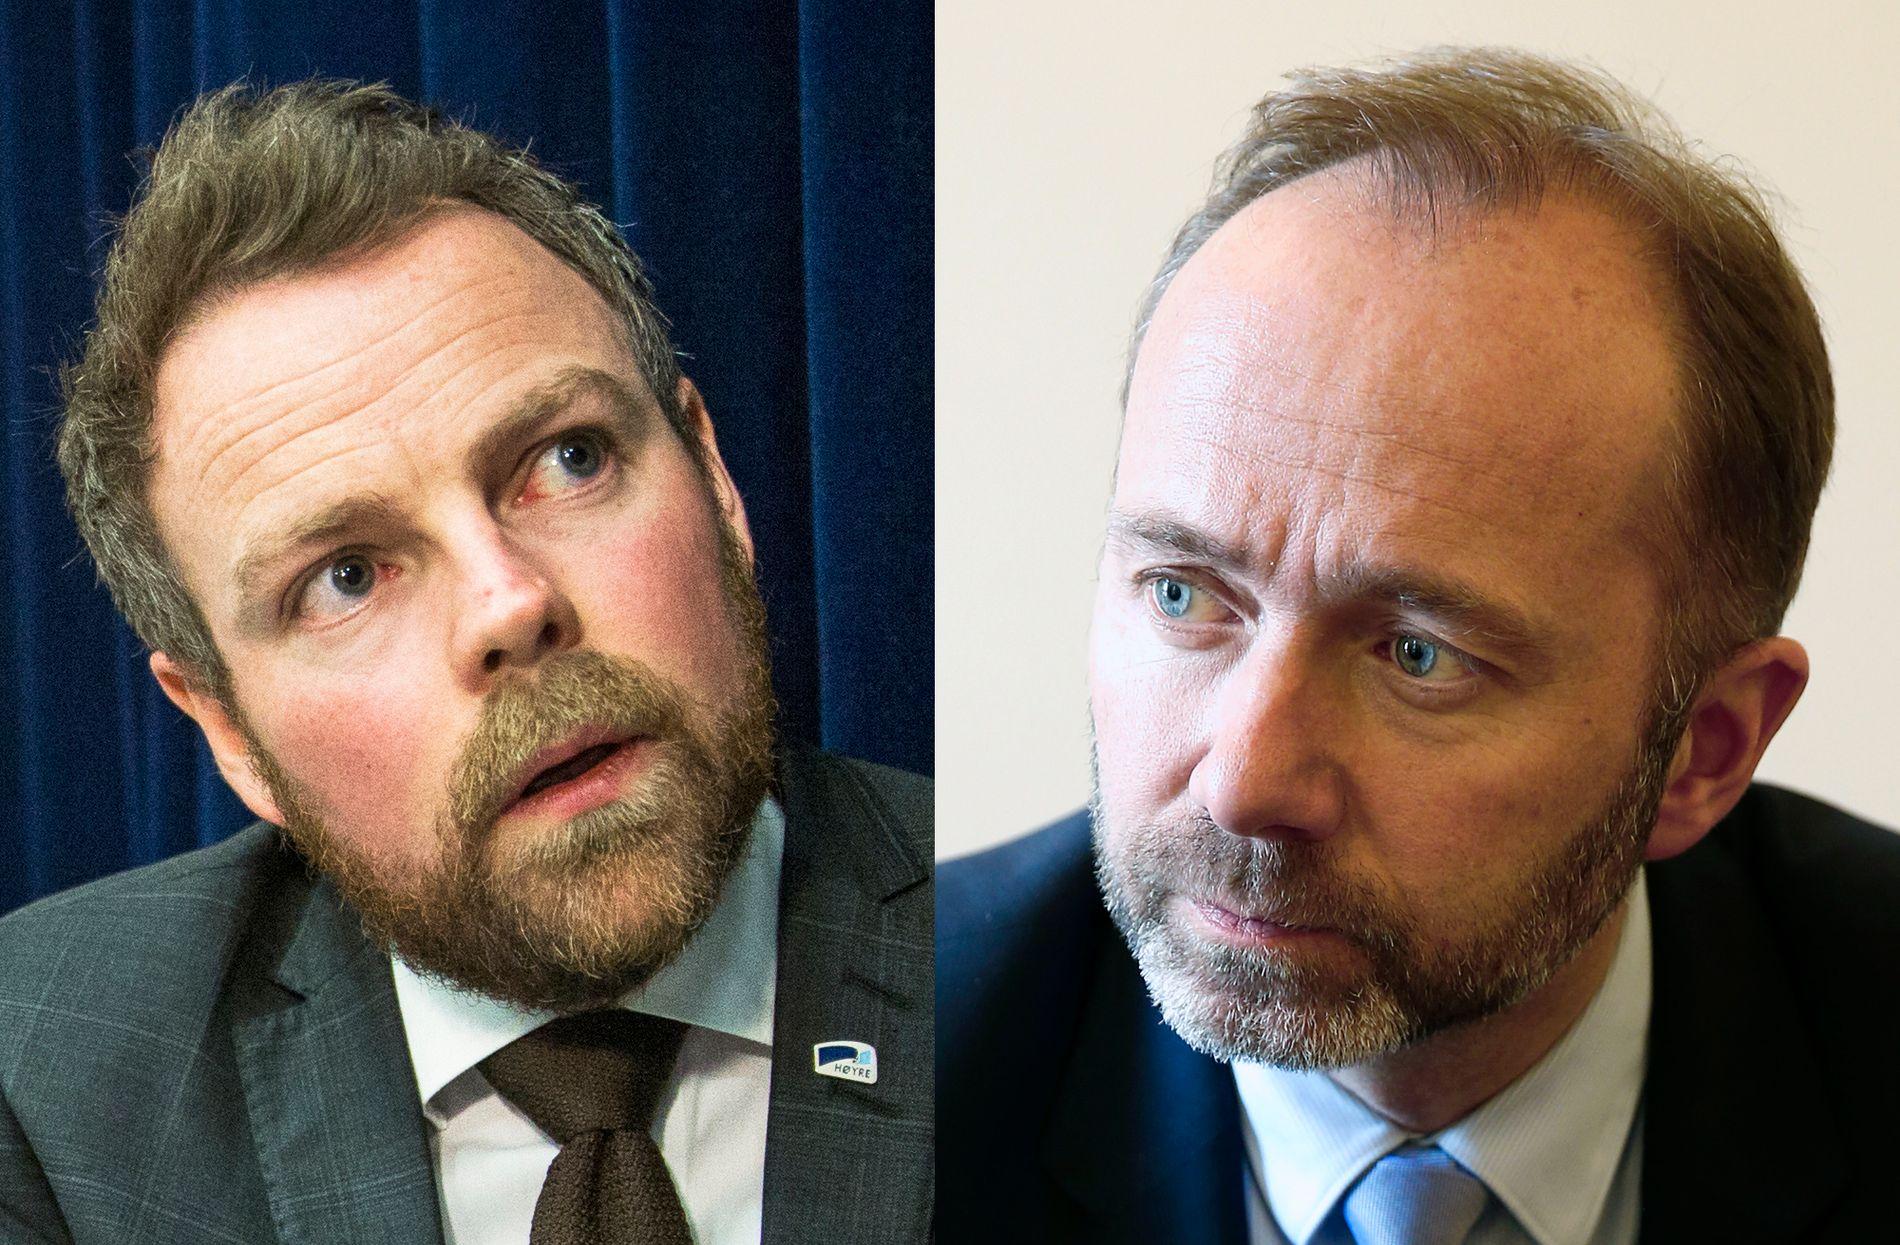 BEKYMRET: Både kunnskapsminister Torbjørn Røe Isaksen (H) og tidligere kunnskapsminister Trond Giske (Ap) mener utviklingen er alvorlig, og kan skape klasseskiller i skolen.